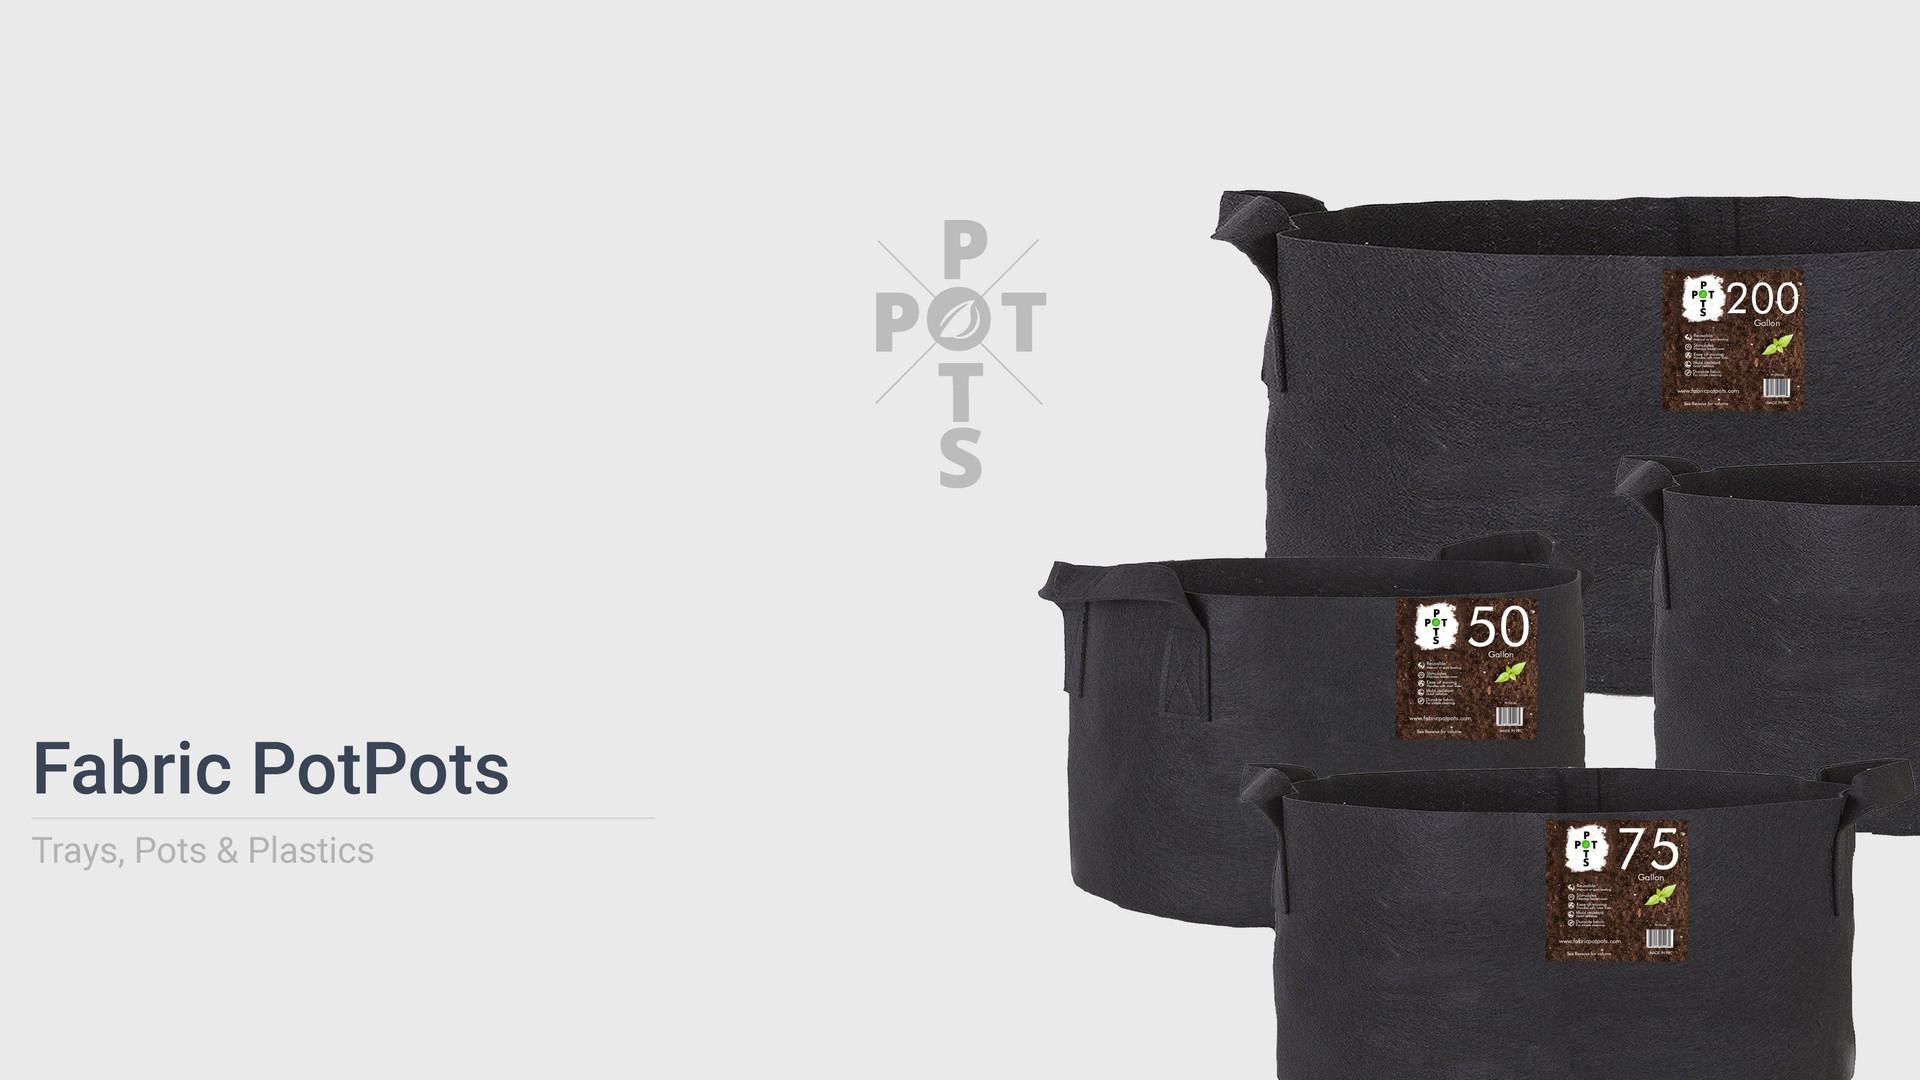 FabricPotPots.jpg